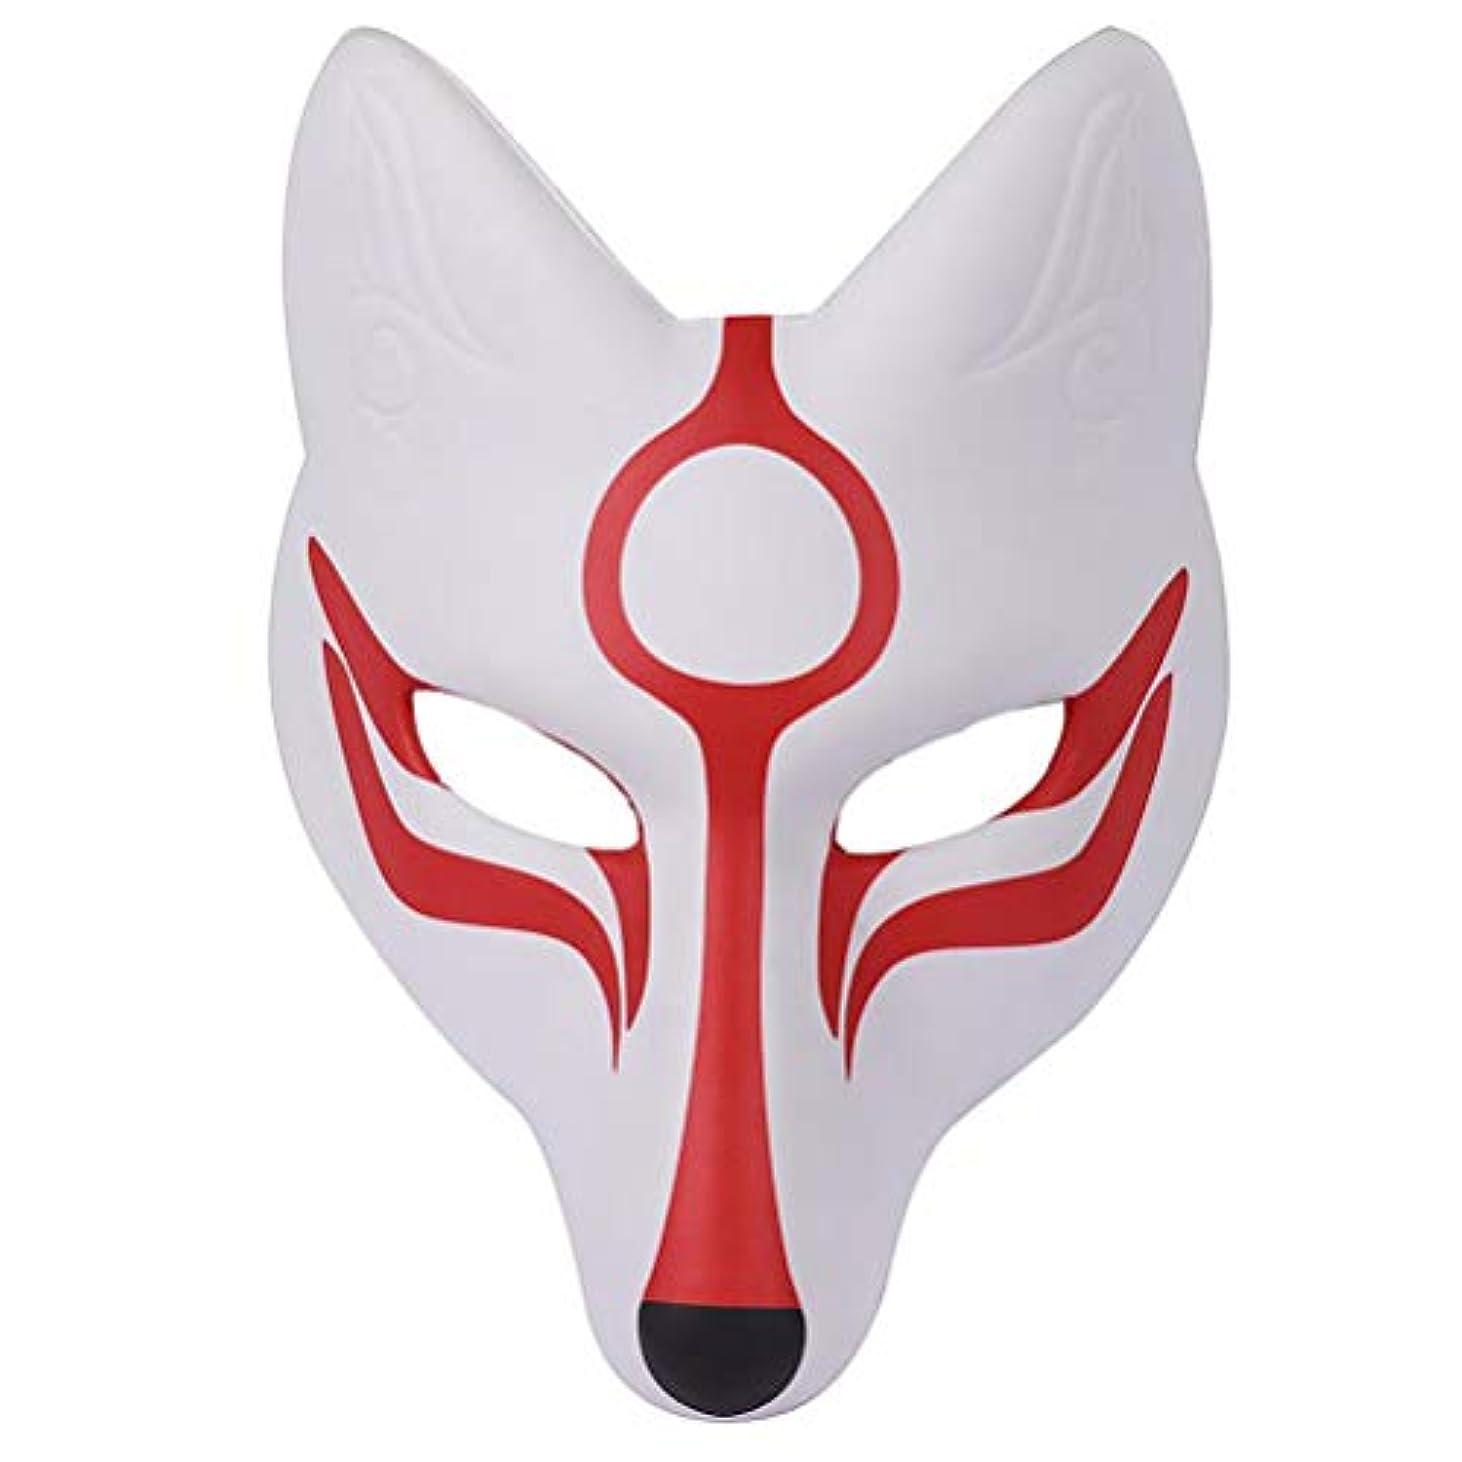 燃料隔離する出力AMOSFUN フォックスマスク日本歌舞伎きつねマスク用男性女性子供ハロウィーン仮装衣装プロップ